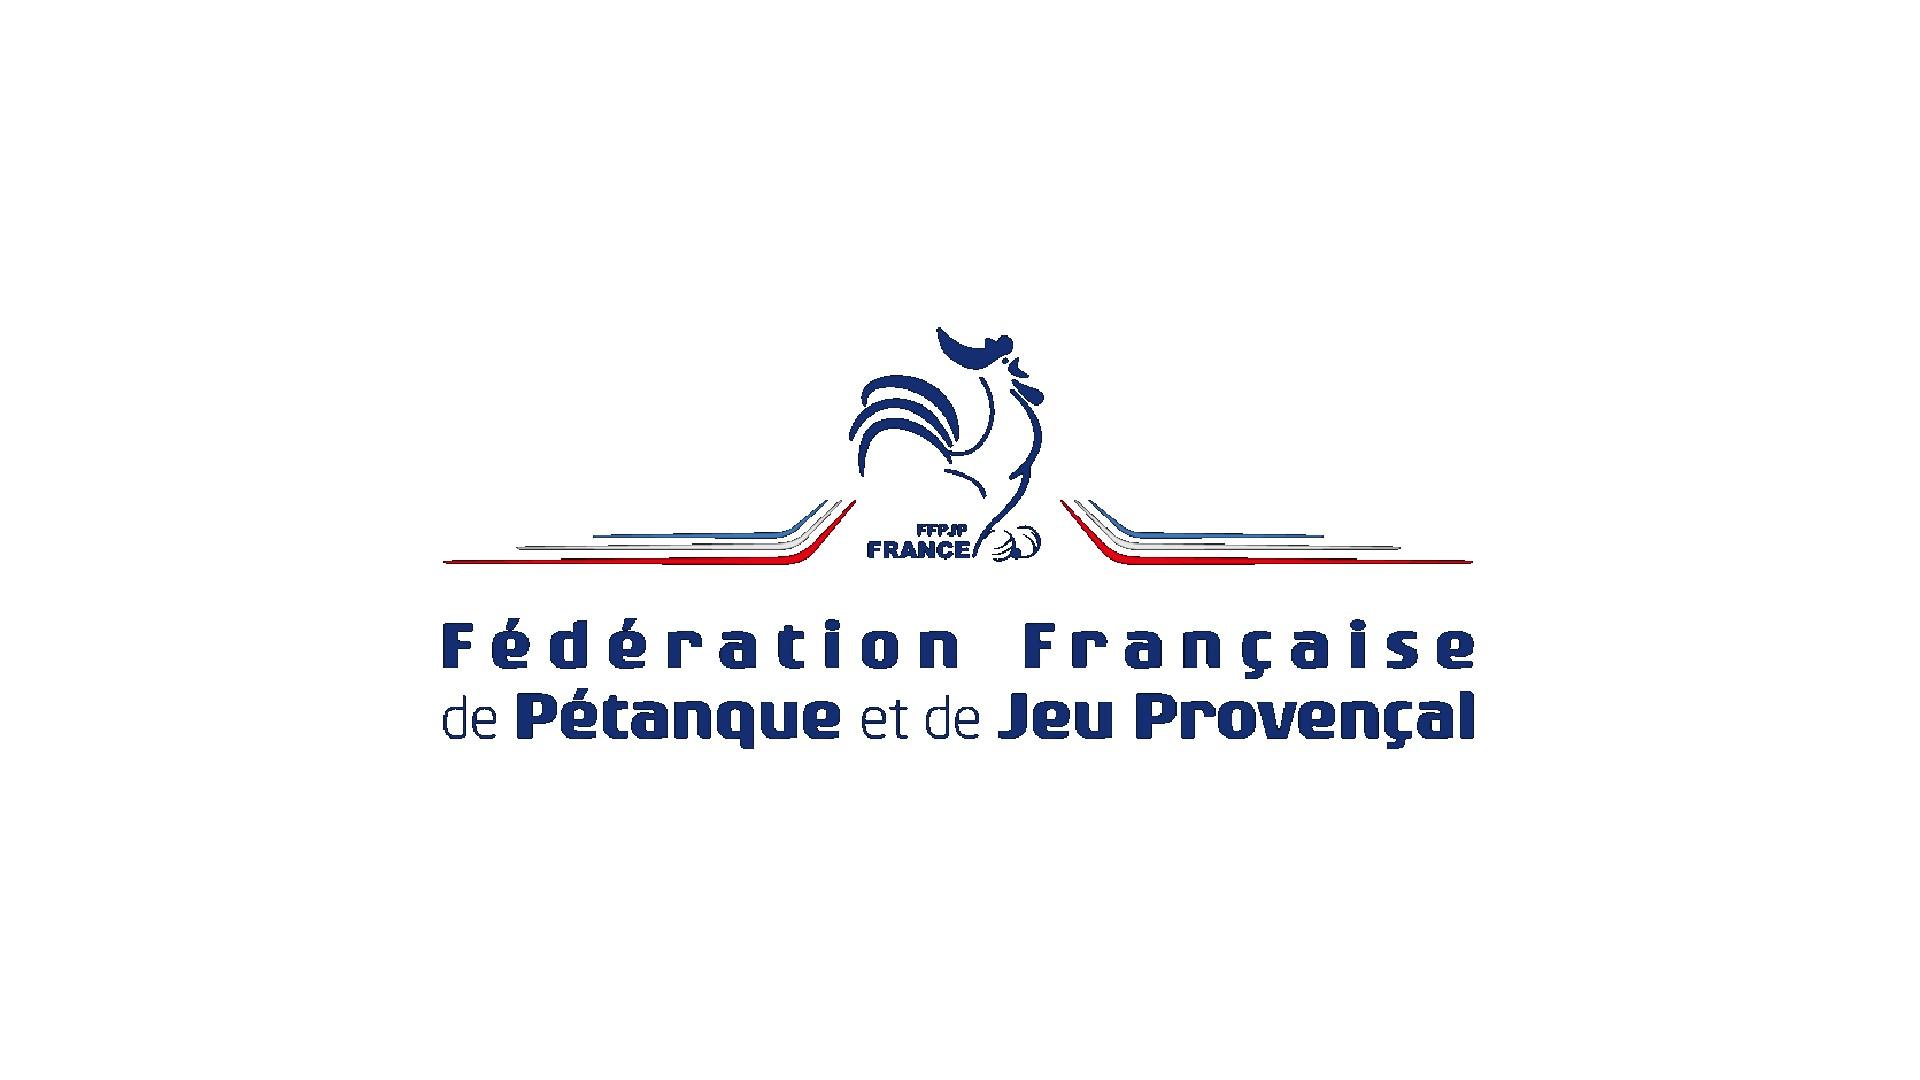 Fédération française de pétanque et jeu provencal (1) logo